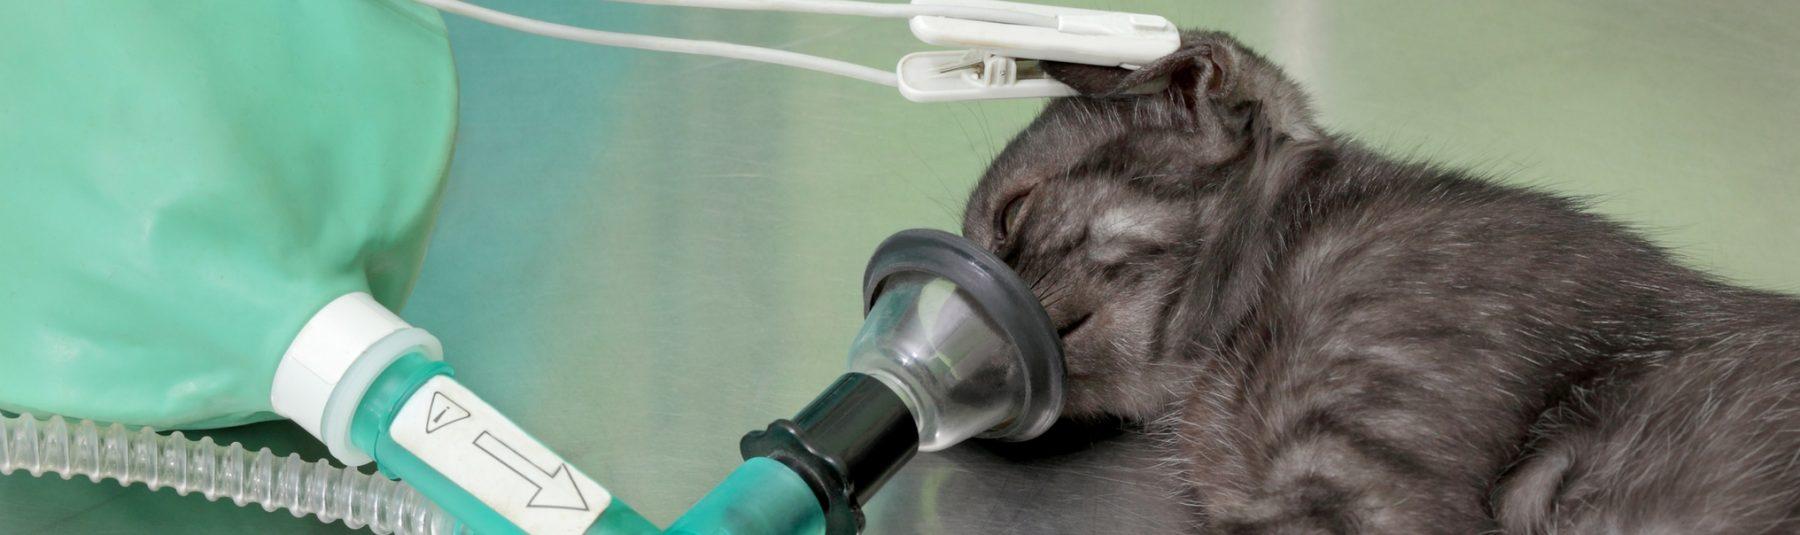 cat-surgery-services